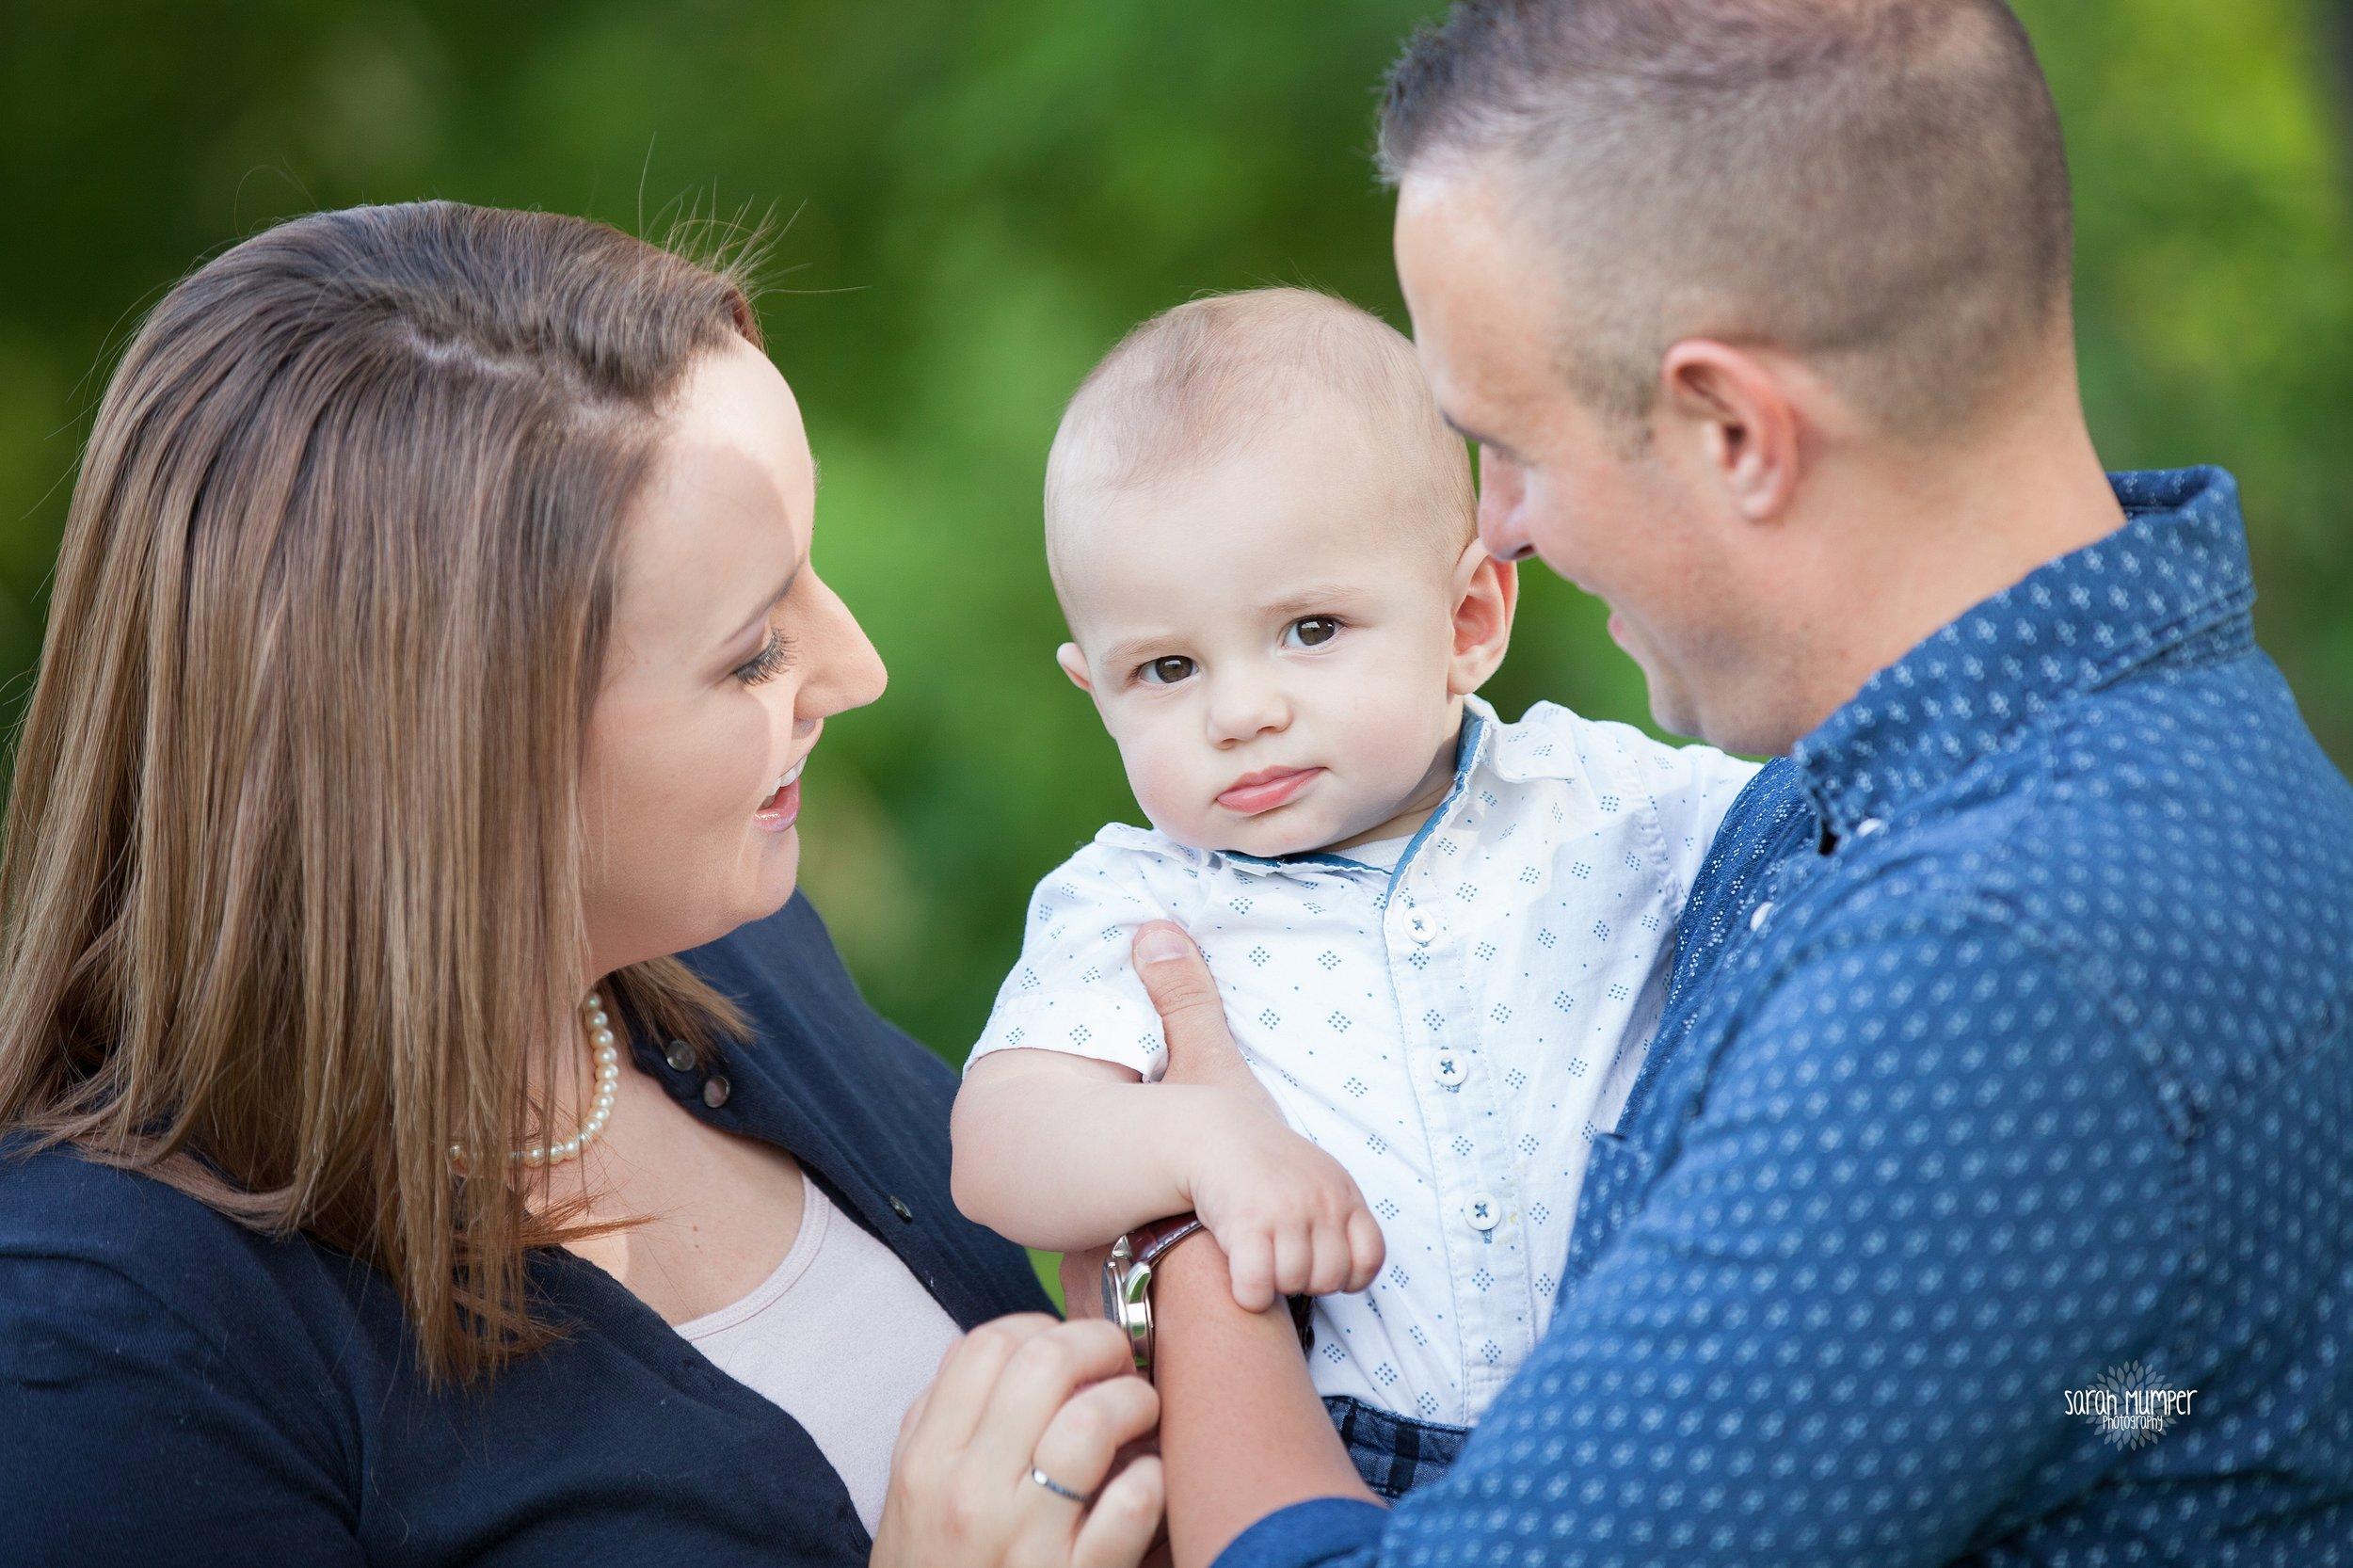 Berkebile Family (2).jpg